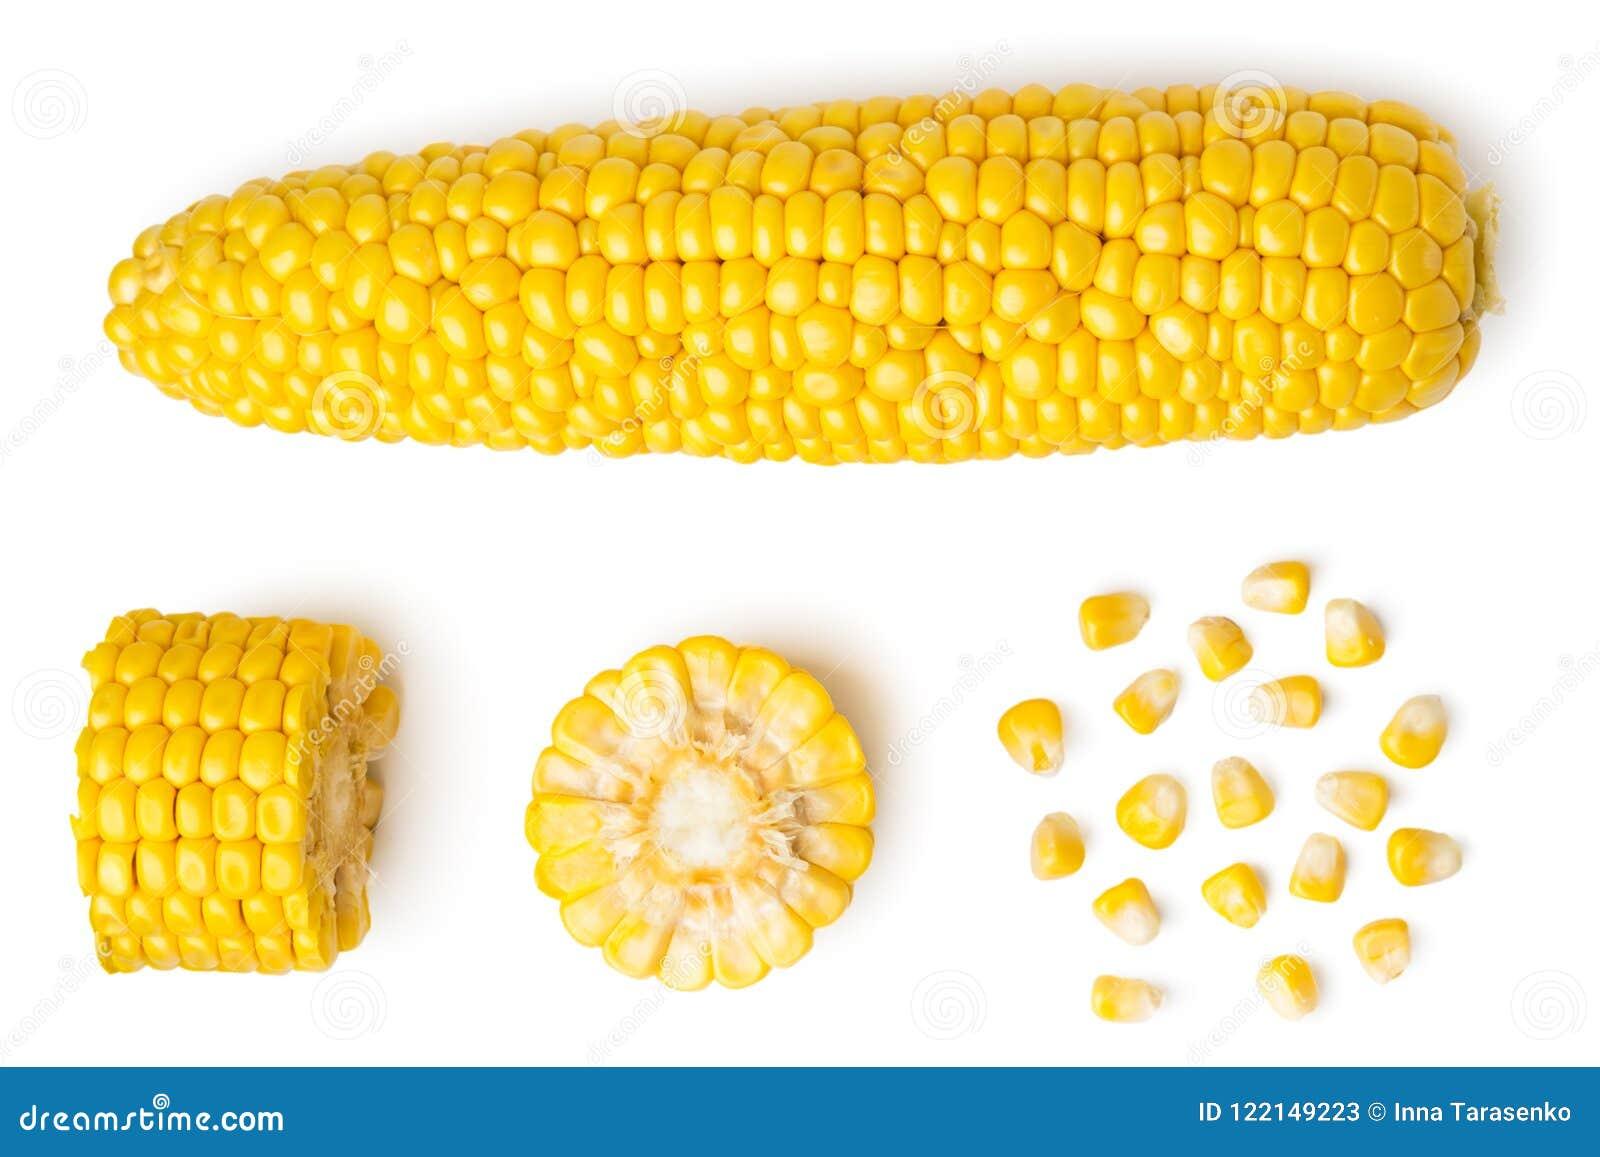 被剥皮的玉米穗,在白色的片断和种子,被隔绝 顶视图图片